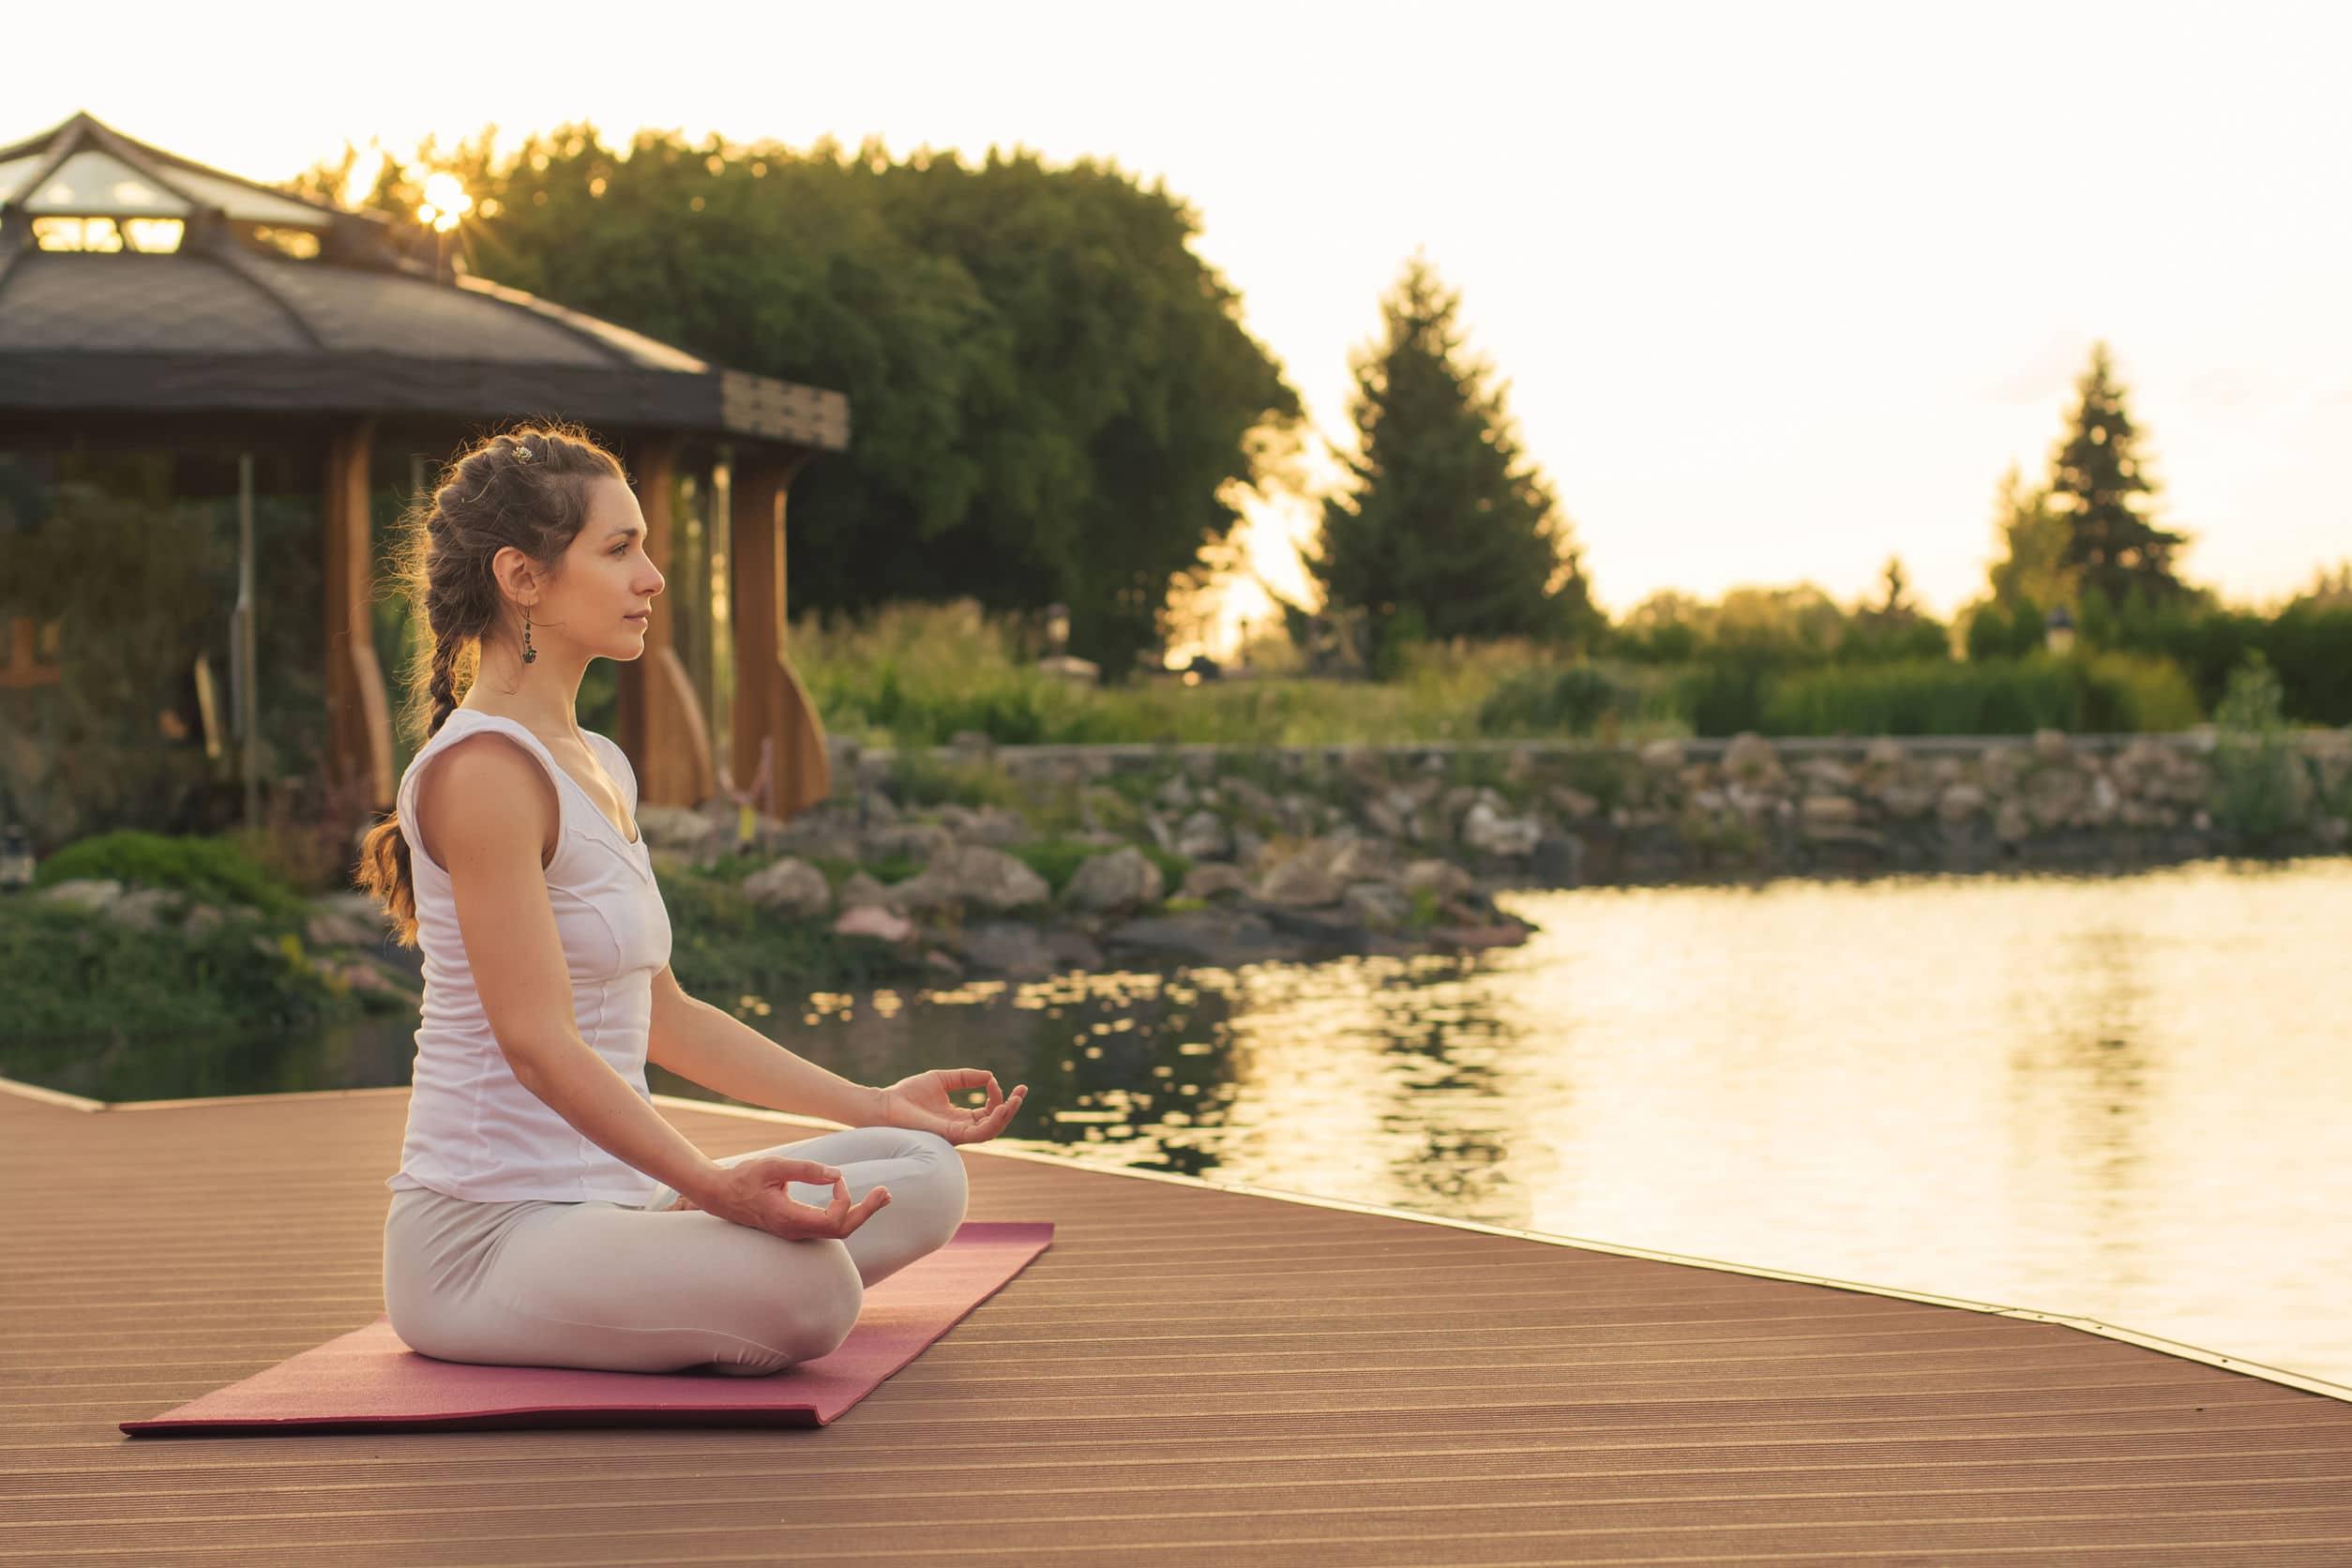 Mulher meditando perto de um lago ao pôr-do-sol.